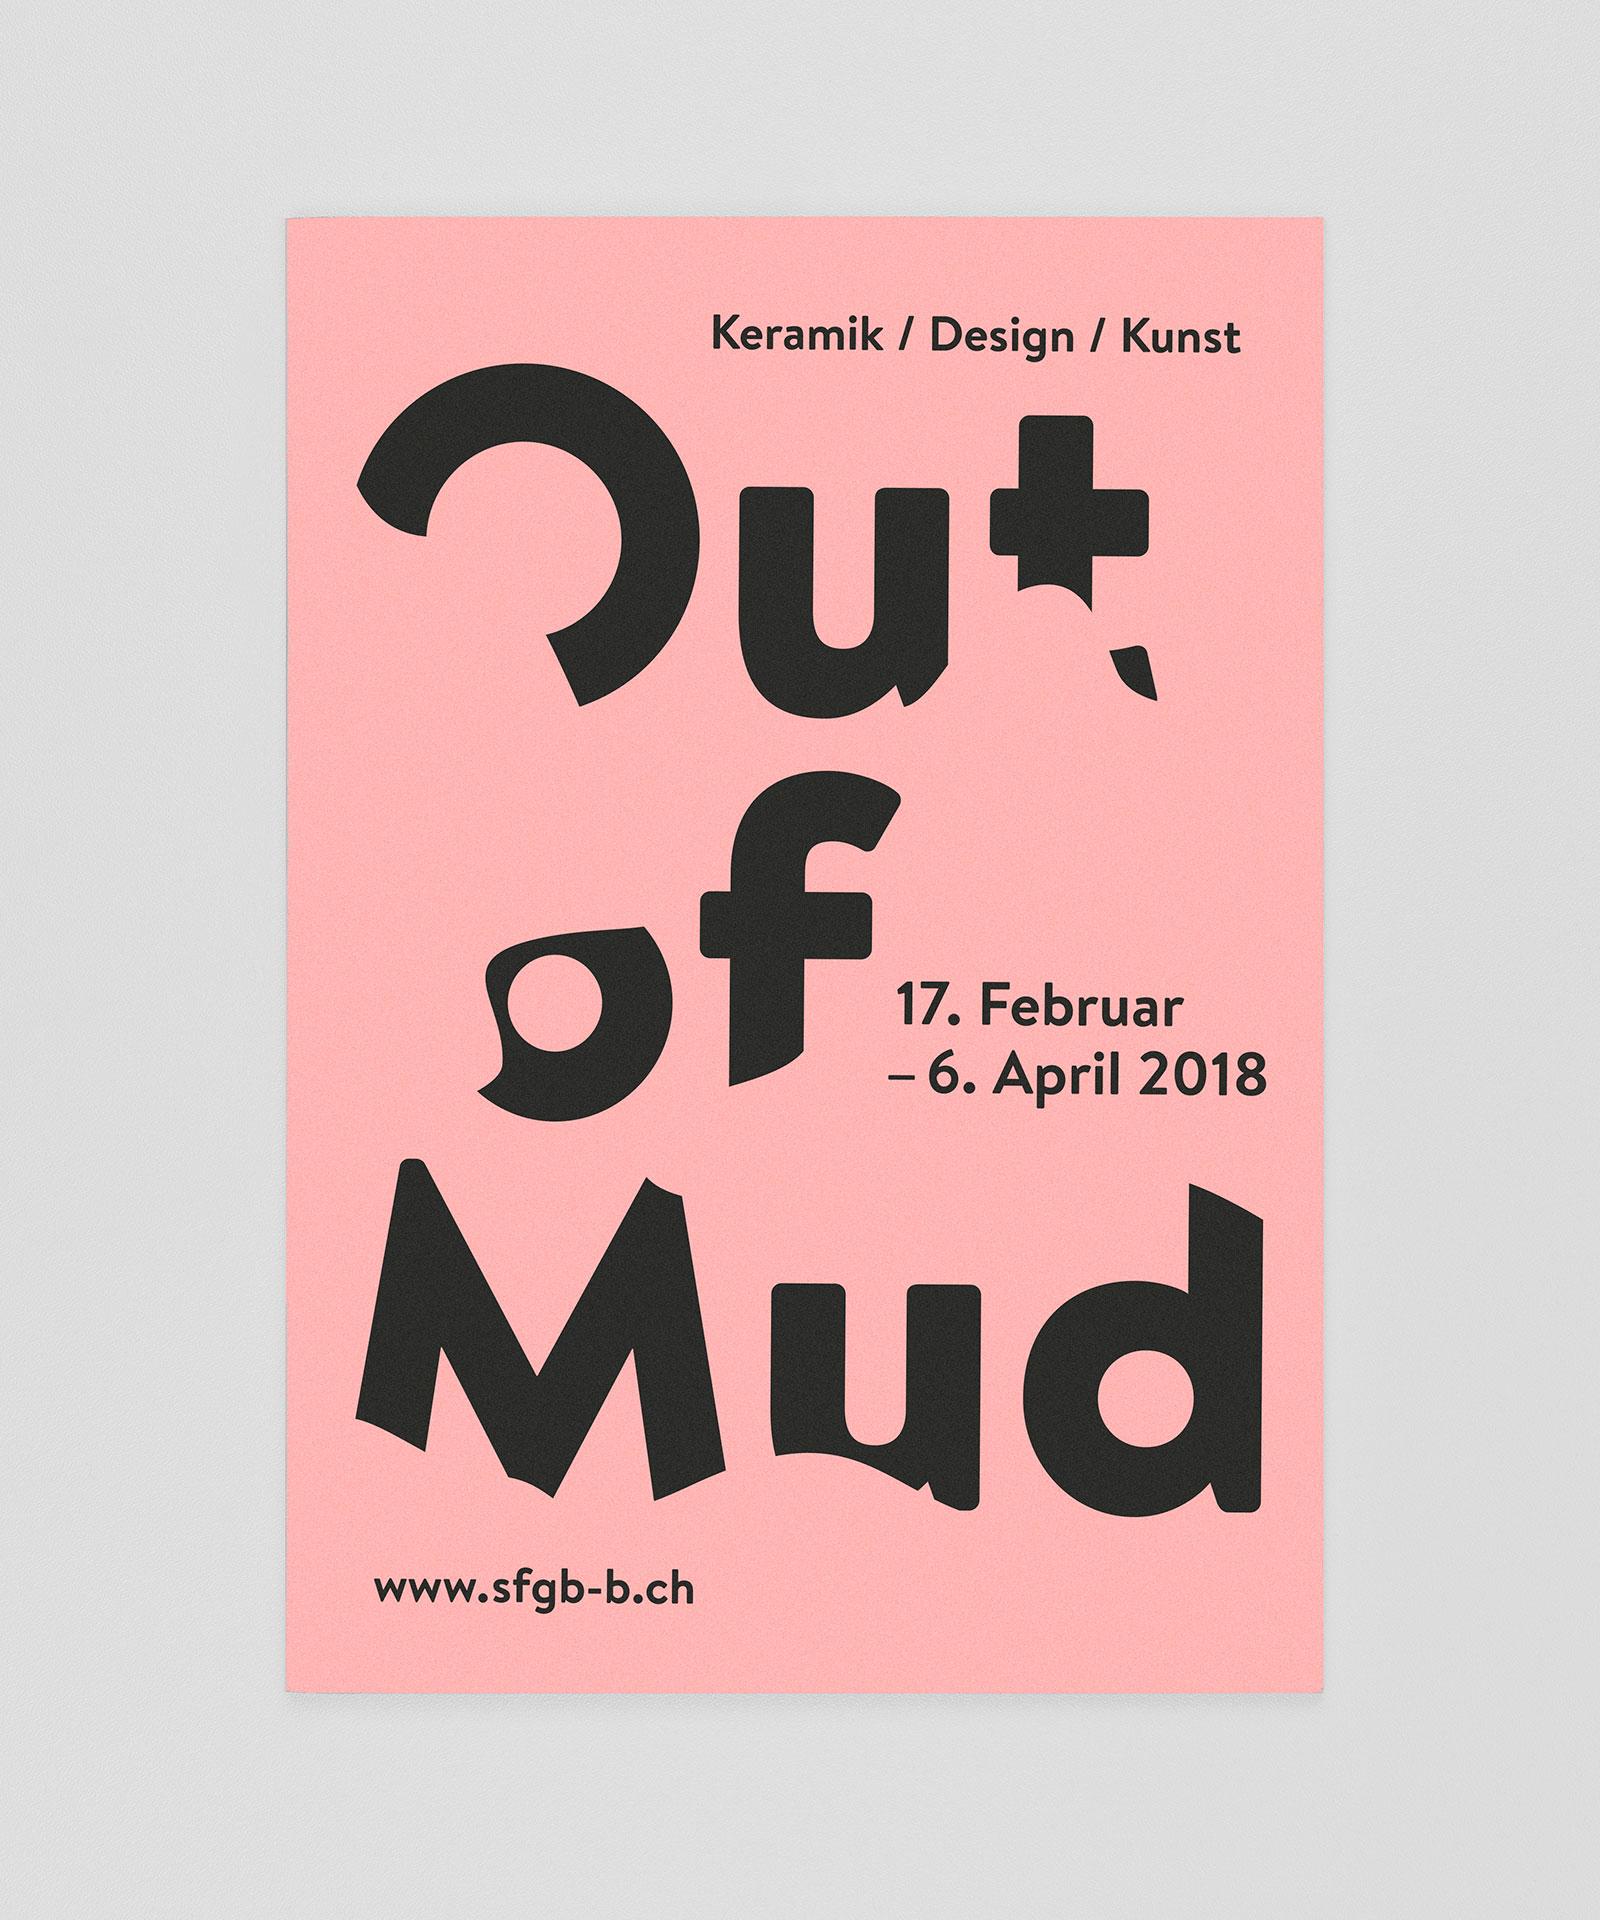 Schule für Gestaltung Bern und Biel Out of Mud, flyer  ©Atelier Pol × Fabio Blaser